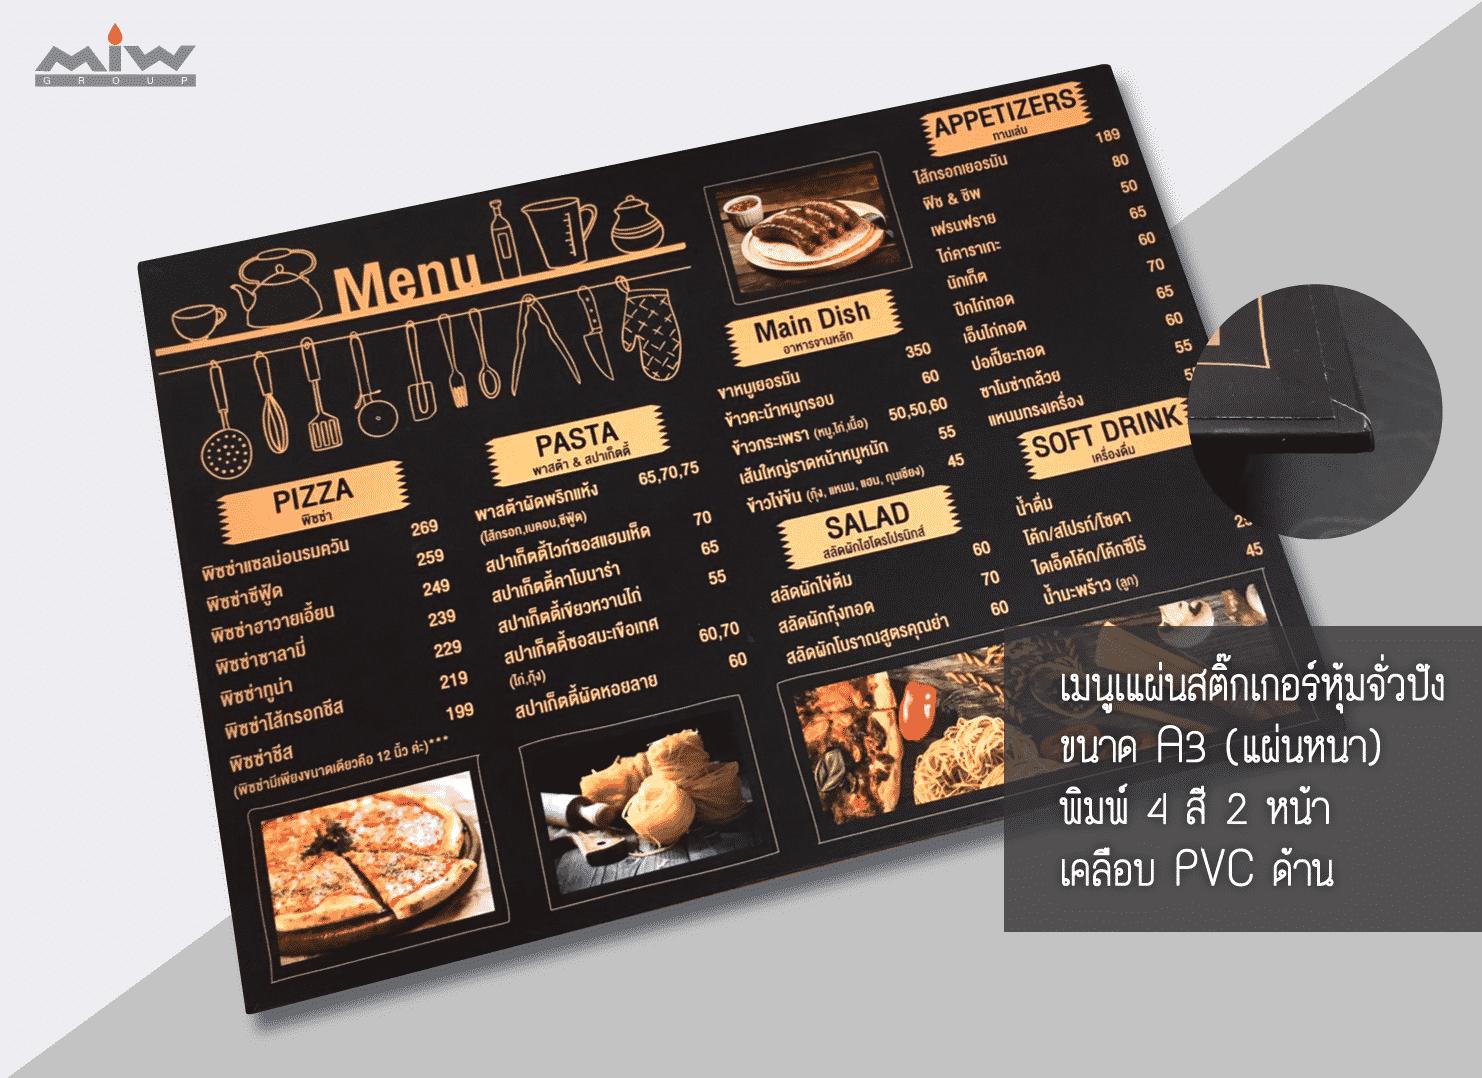 menu 417 3 - บริการ พิมพ์เมนูอาหาร ออกแบบเมนูอาหาร พิมพ์เมนูเครื่องดื่ม